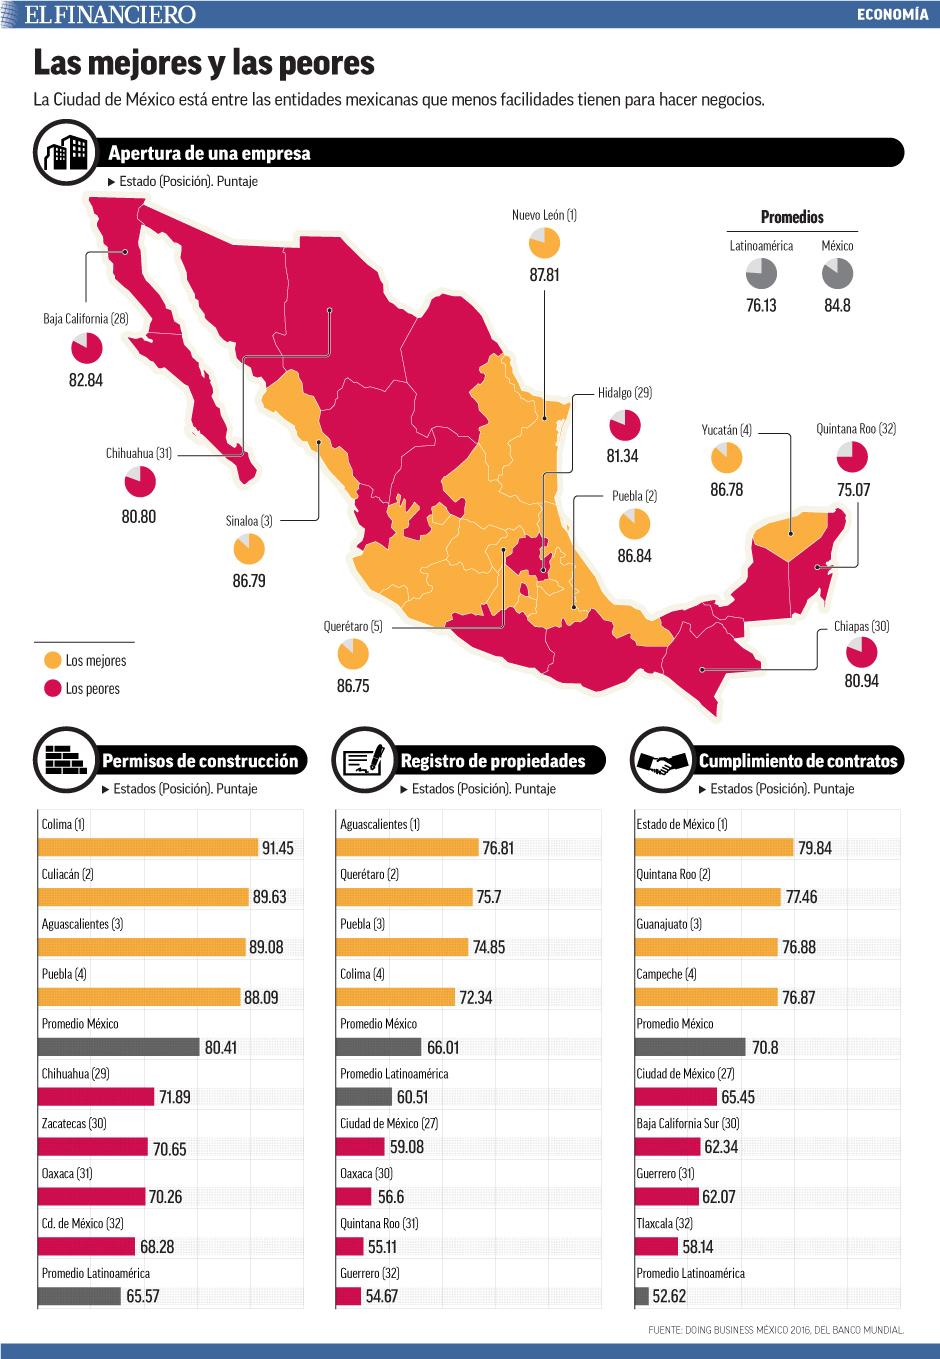 La Ciudad de México está entre las entidades mexicanas que menos facilidades tienen para hacer negocios.